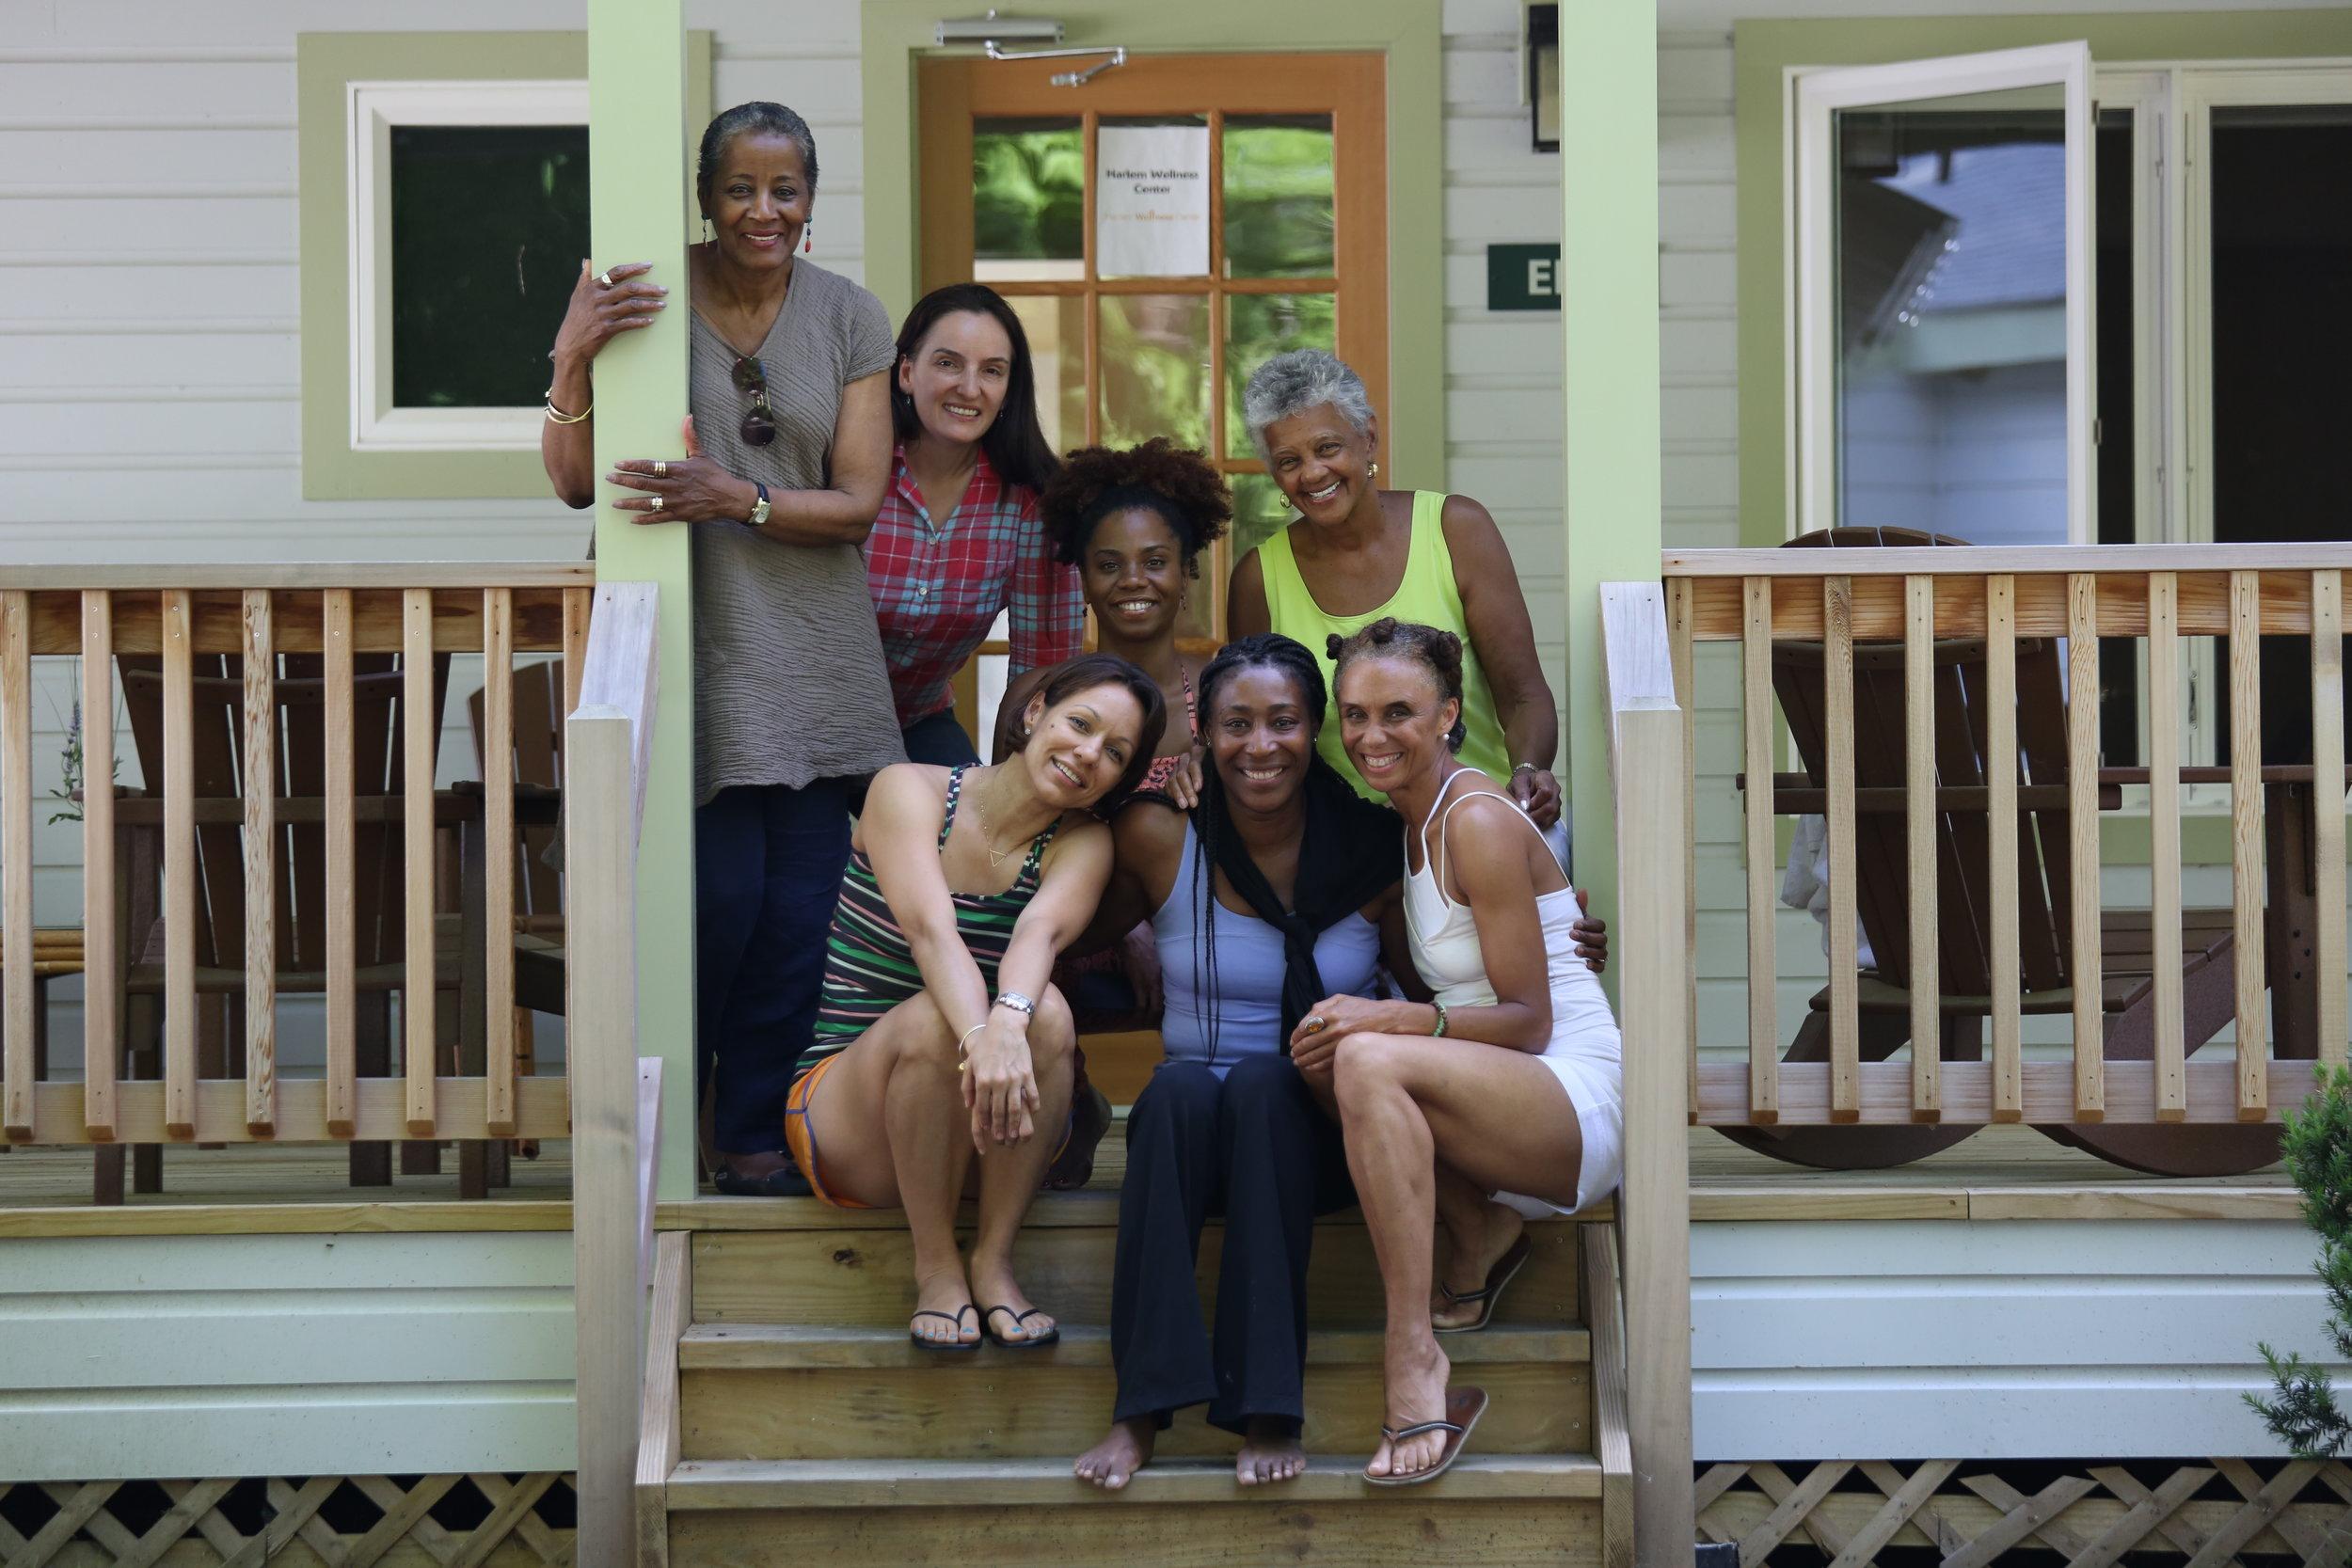 Photo Courtesy of Omega Institute for Holistic Studies, Rhinebeck, NY, eOmega.org